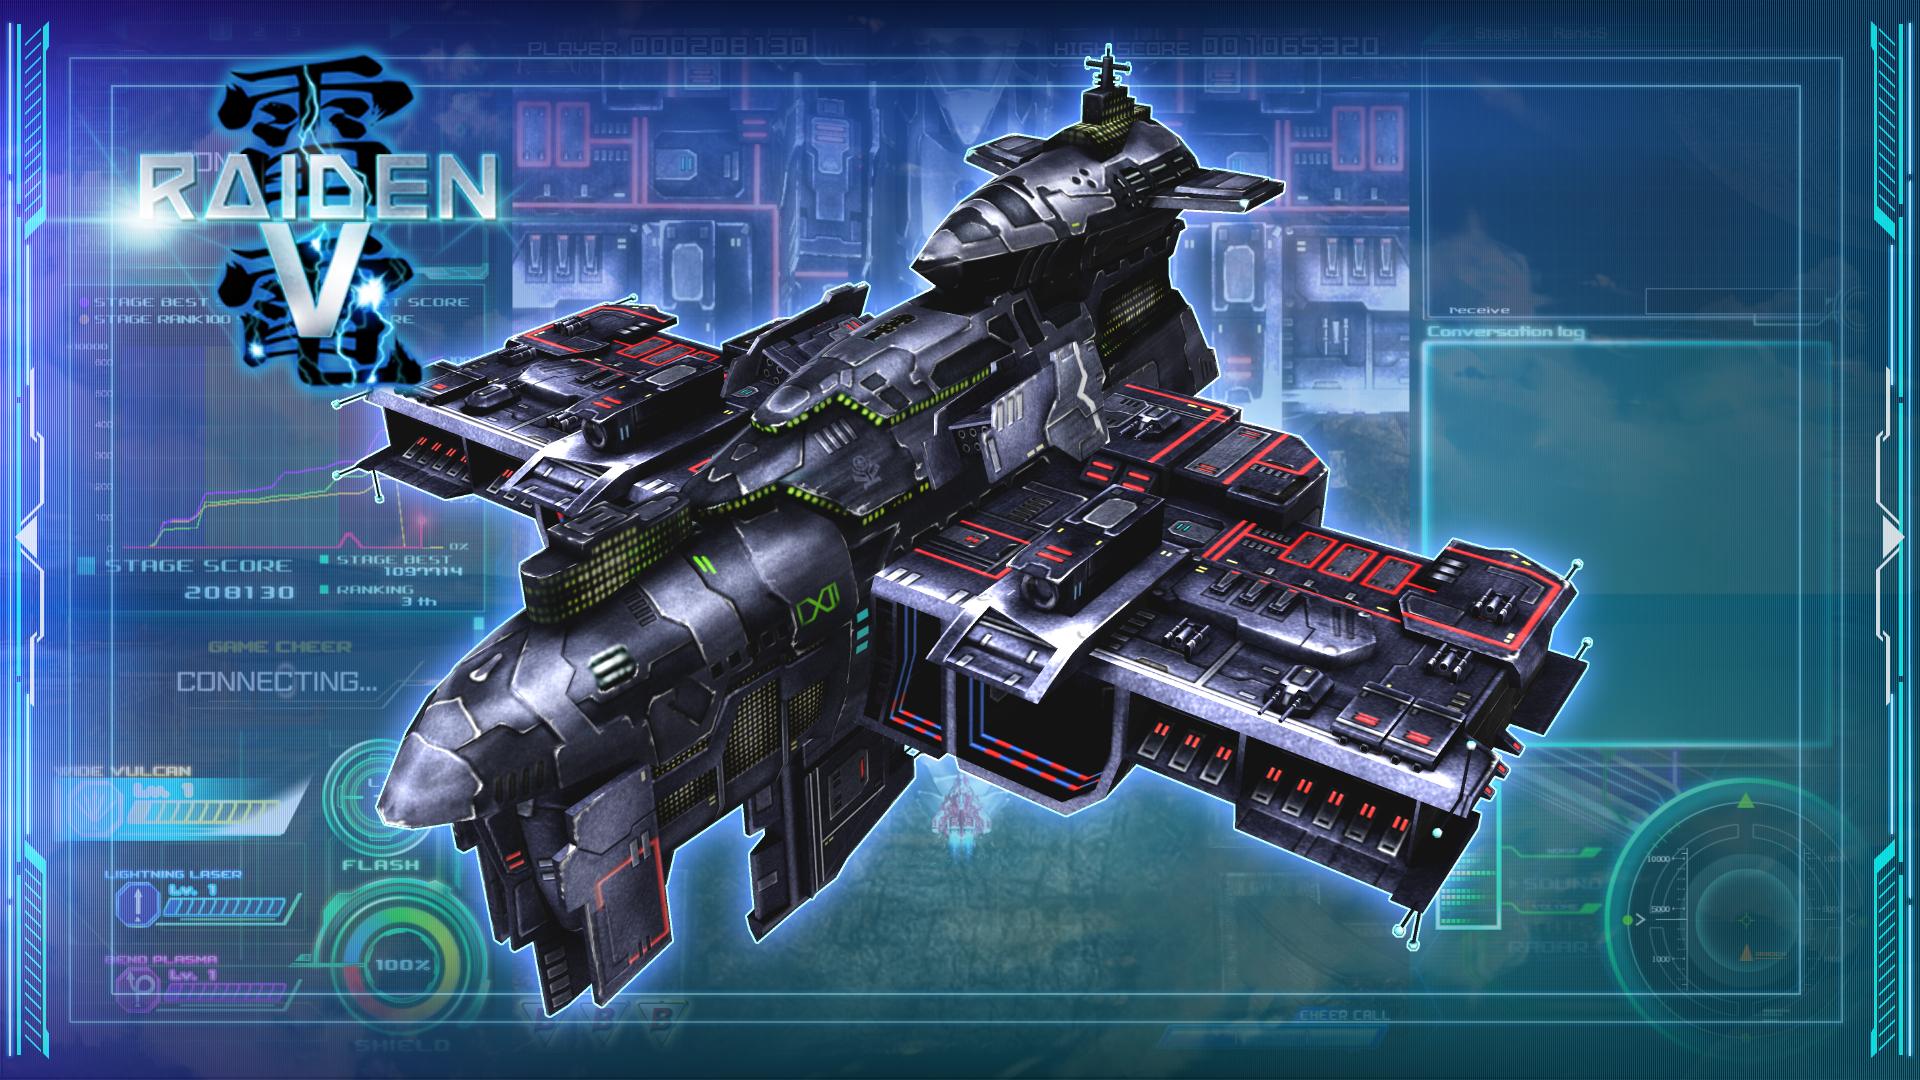 オペレーション1 ステージ1ボス撃破 achievement for Raiden V on Xbox One